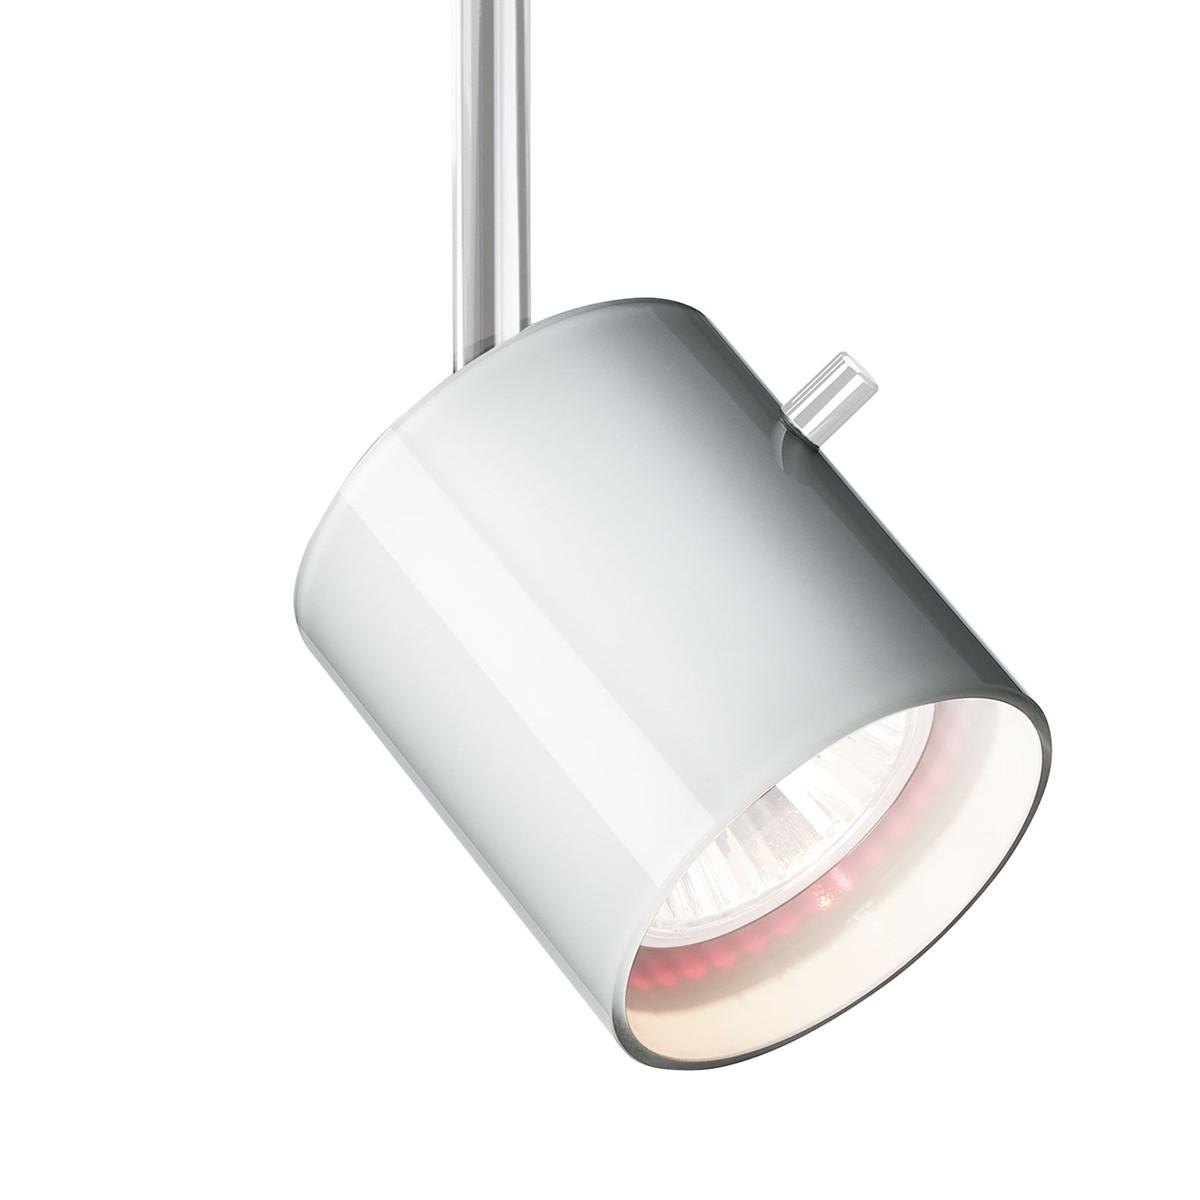 Bruck 800236 Glas Entblendring / Glasring für Strahler, Stift: Chrom / Glas: weiß